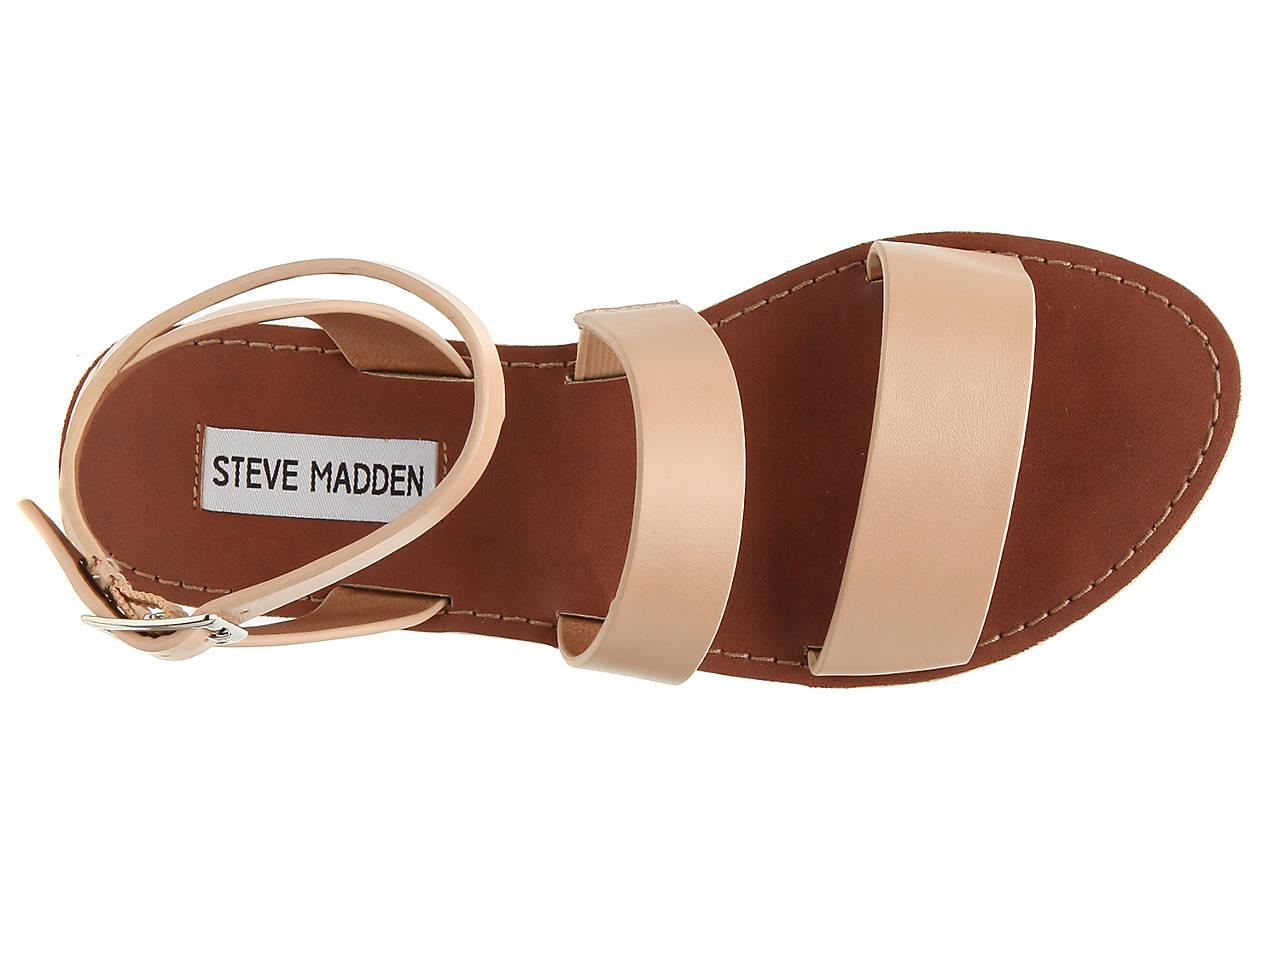 d737311fd0a8 Steve Madden Marky Wedge Sandal Women s Shoes